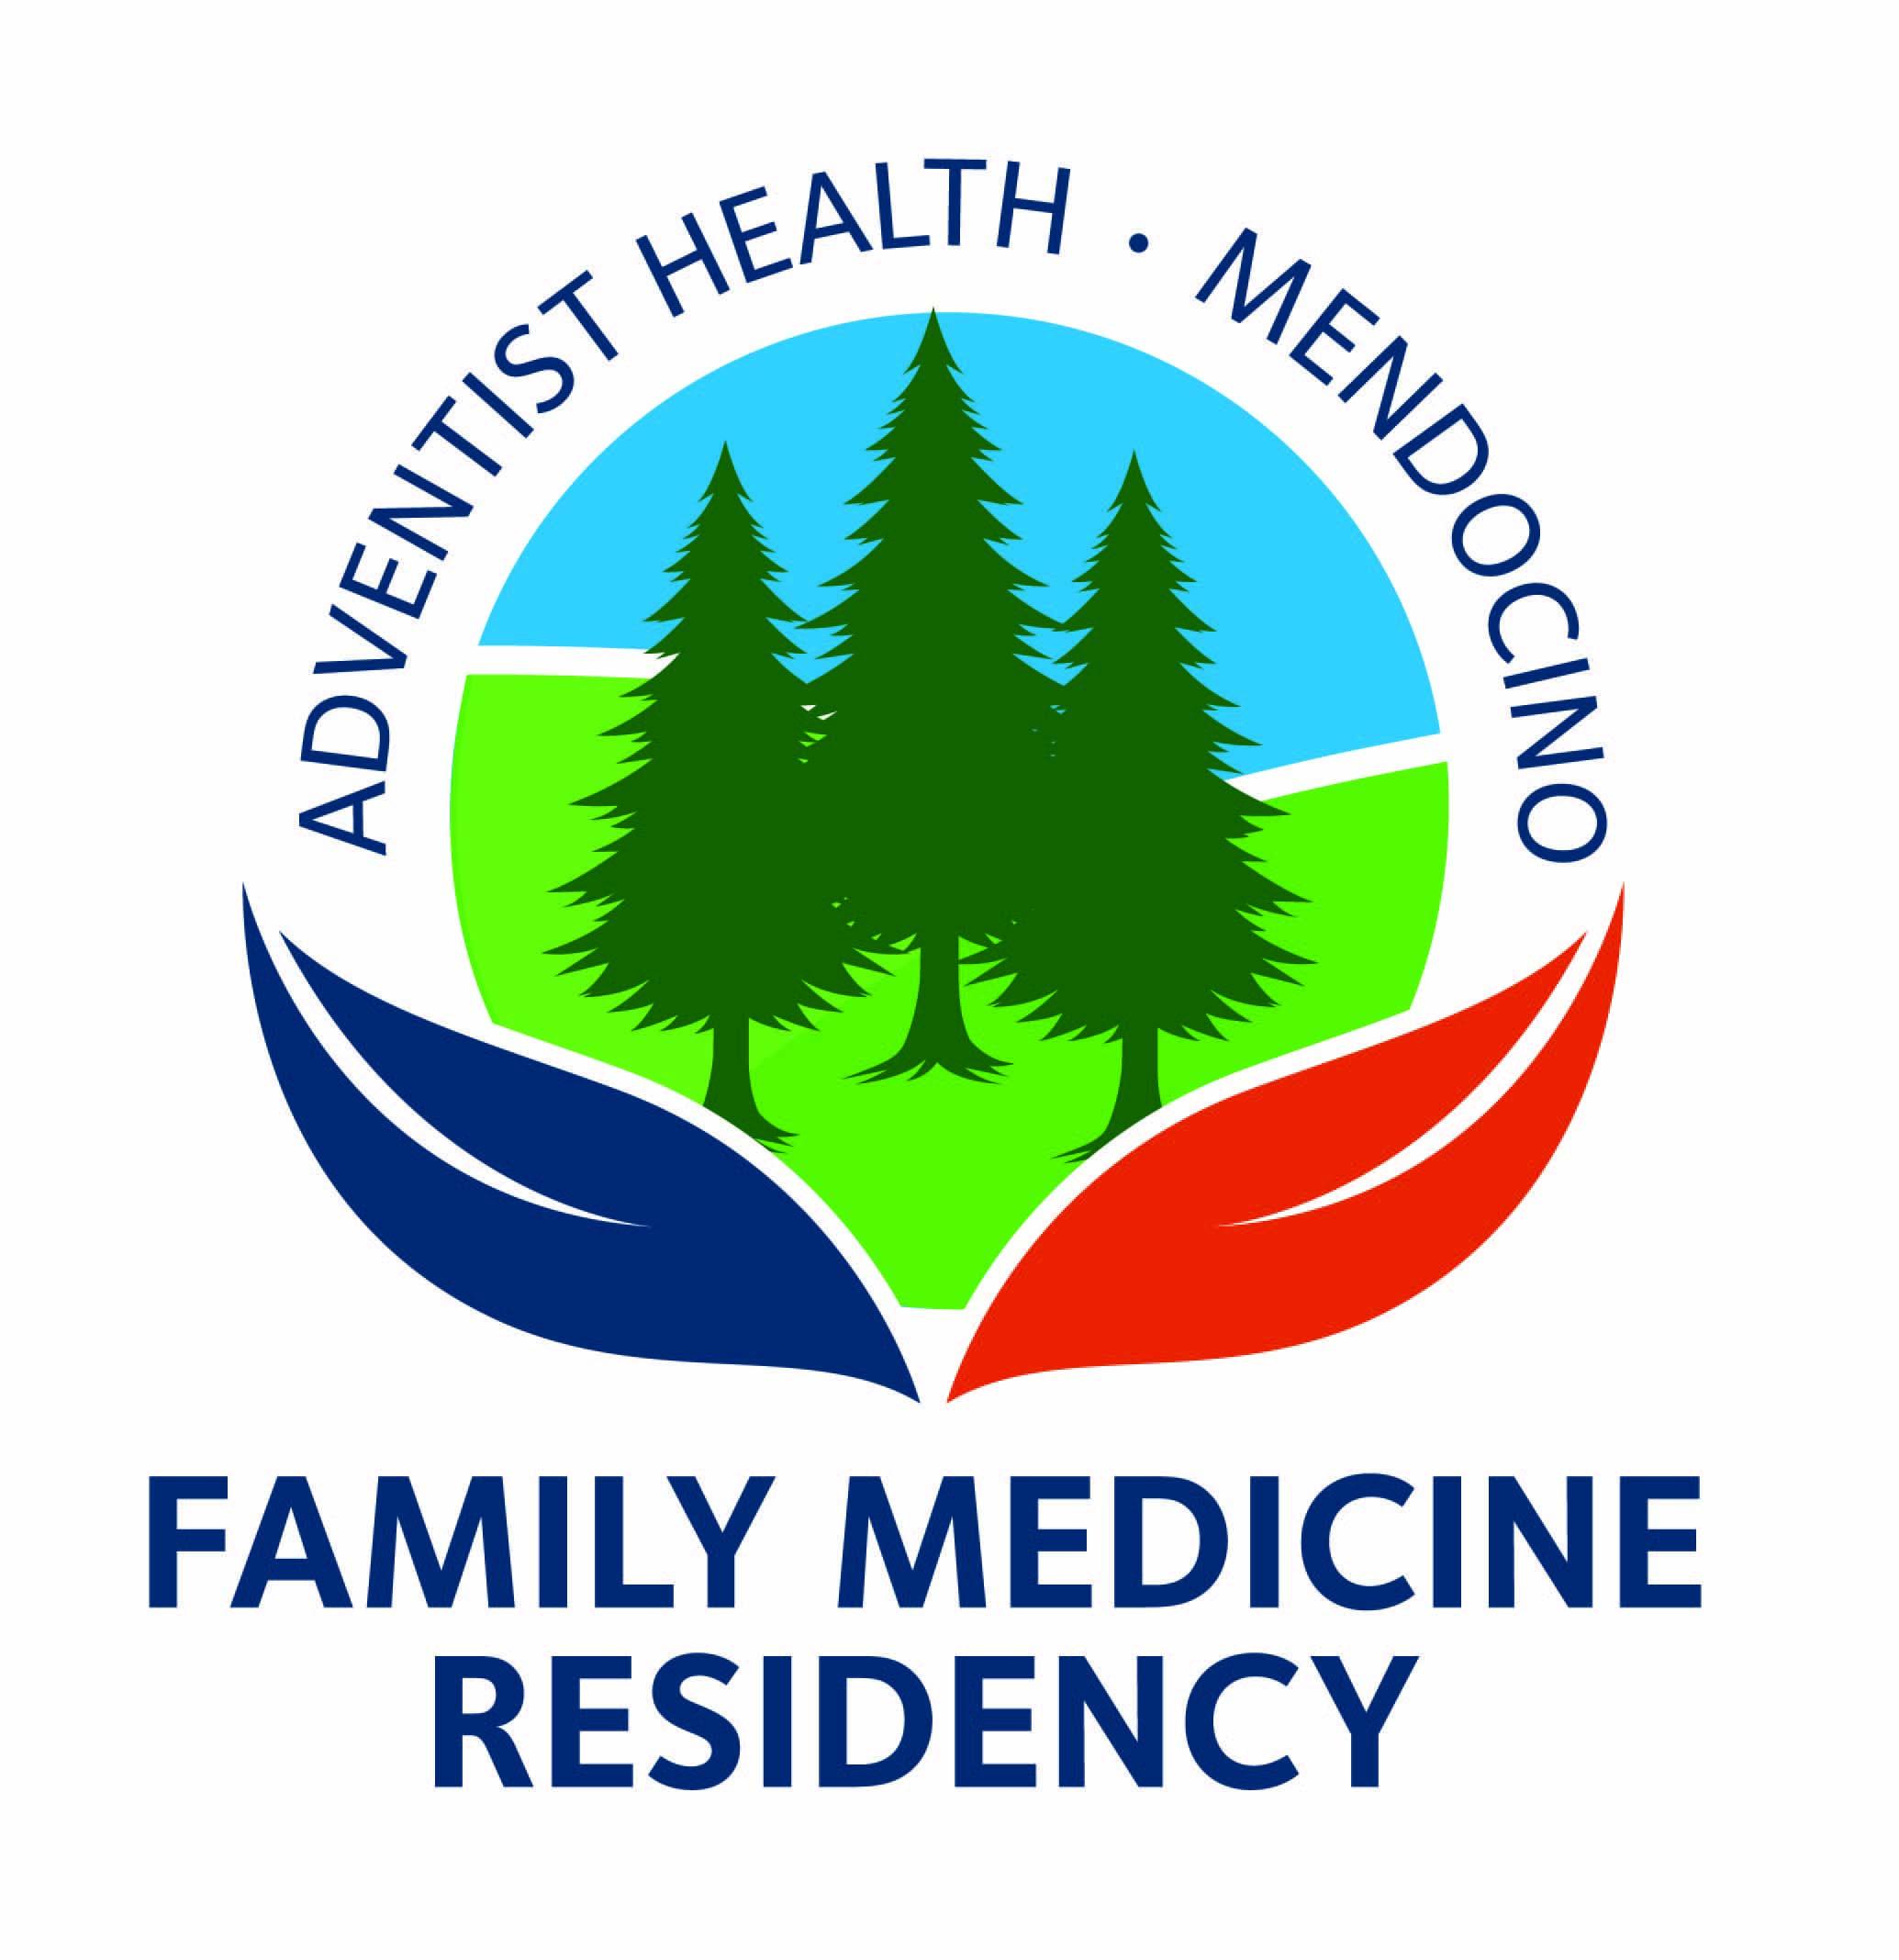 AUV506-FamilyResidency-Mendo-FNL.jpg